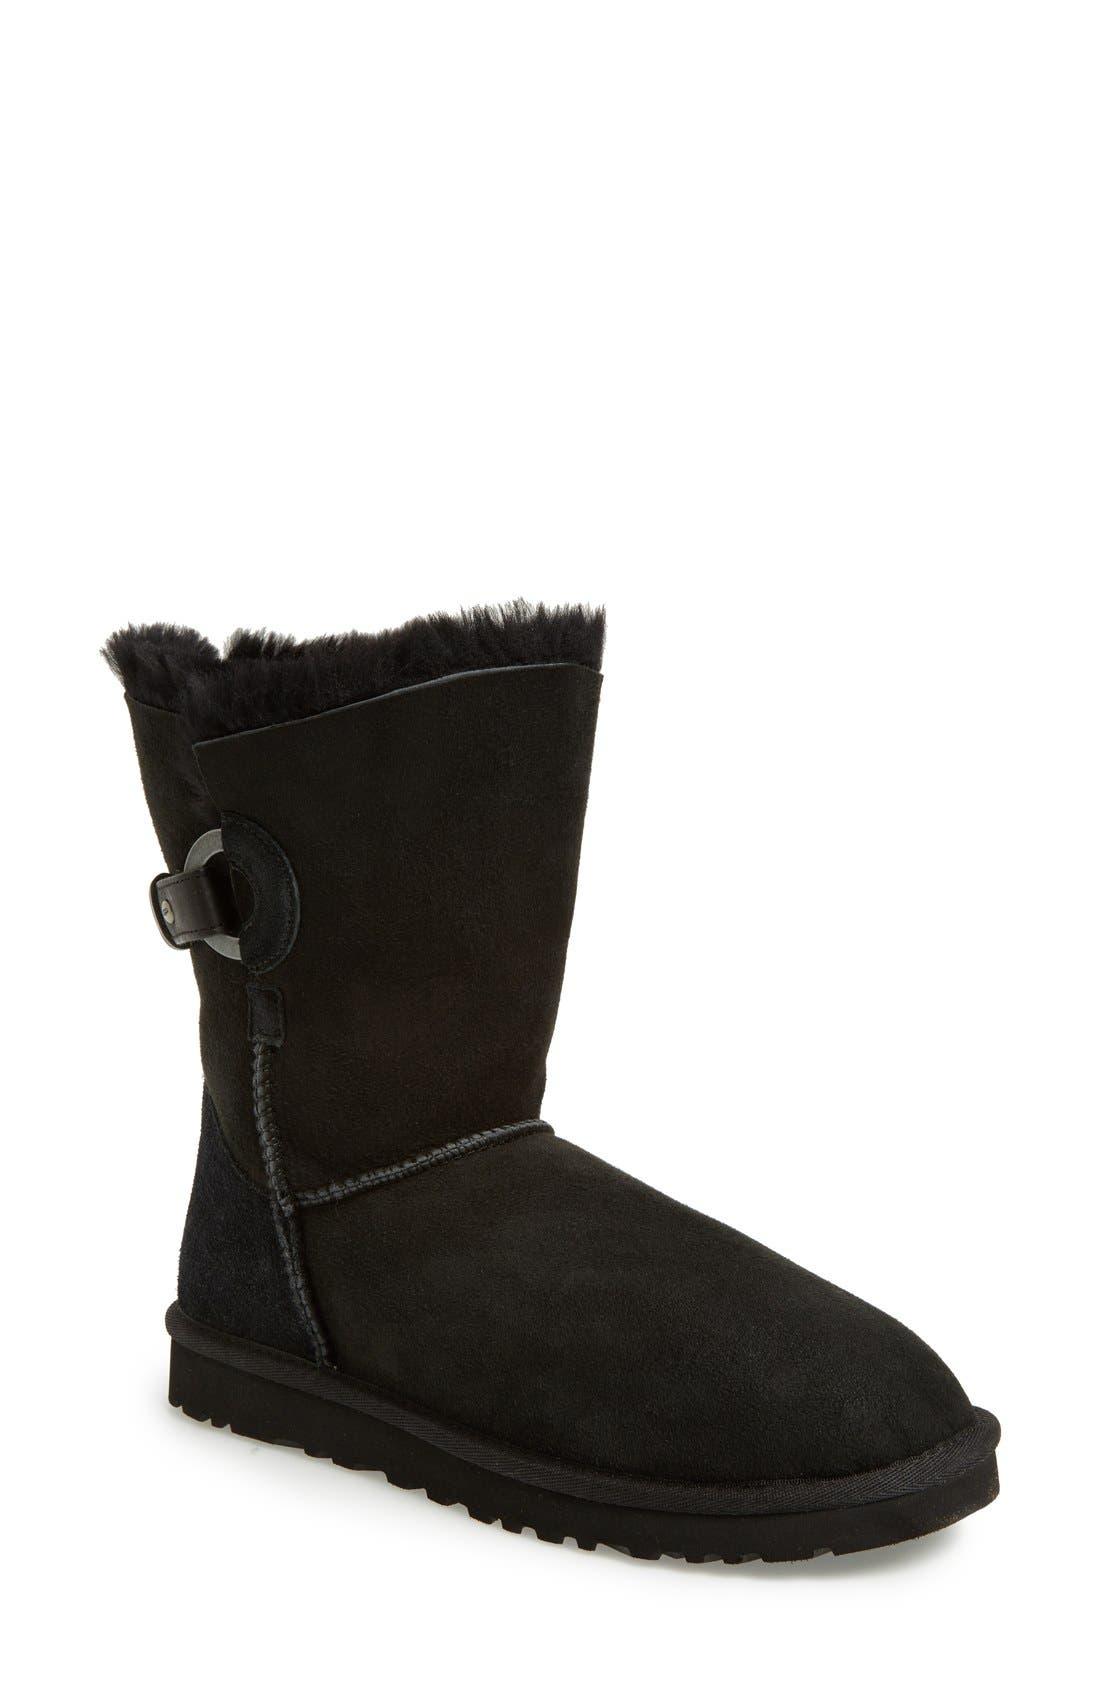 UGG<SUP>®</SUP>, Nash Genuine Shearling Boot, Main thumbnail 1, color, 001